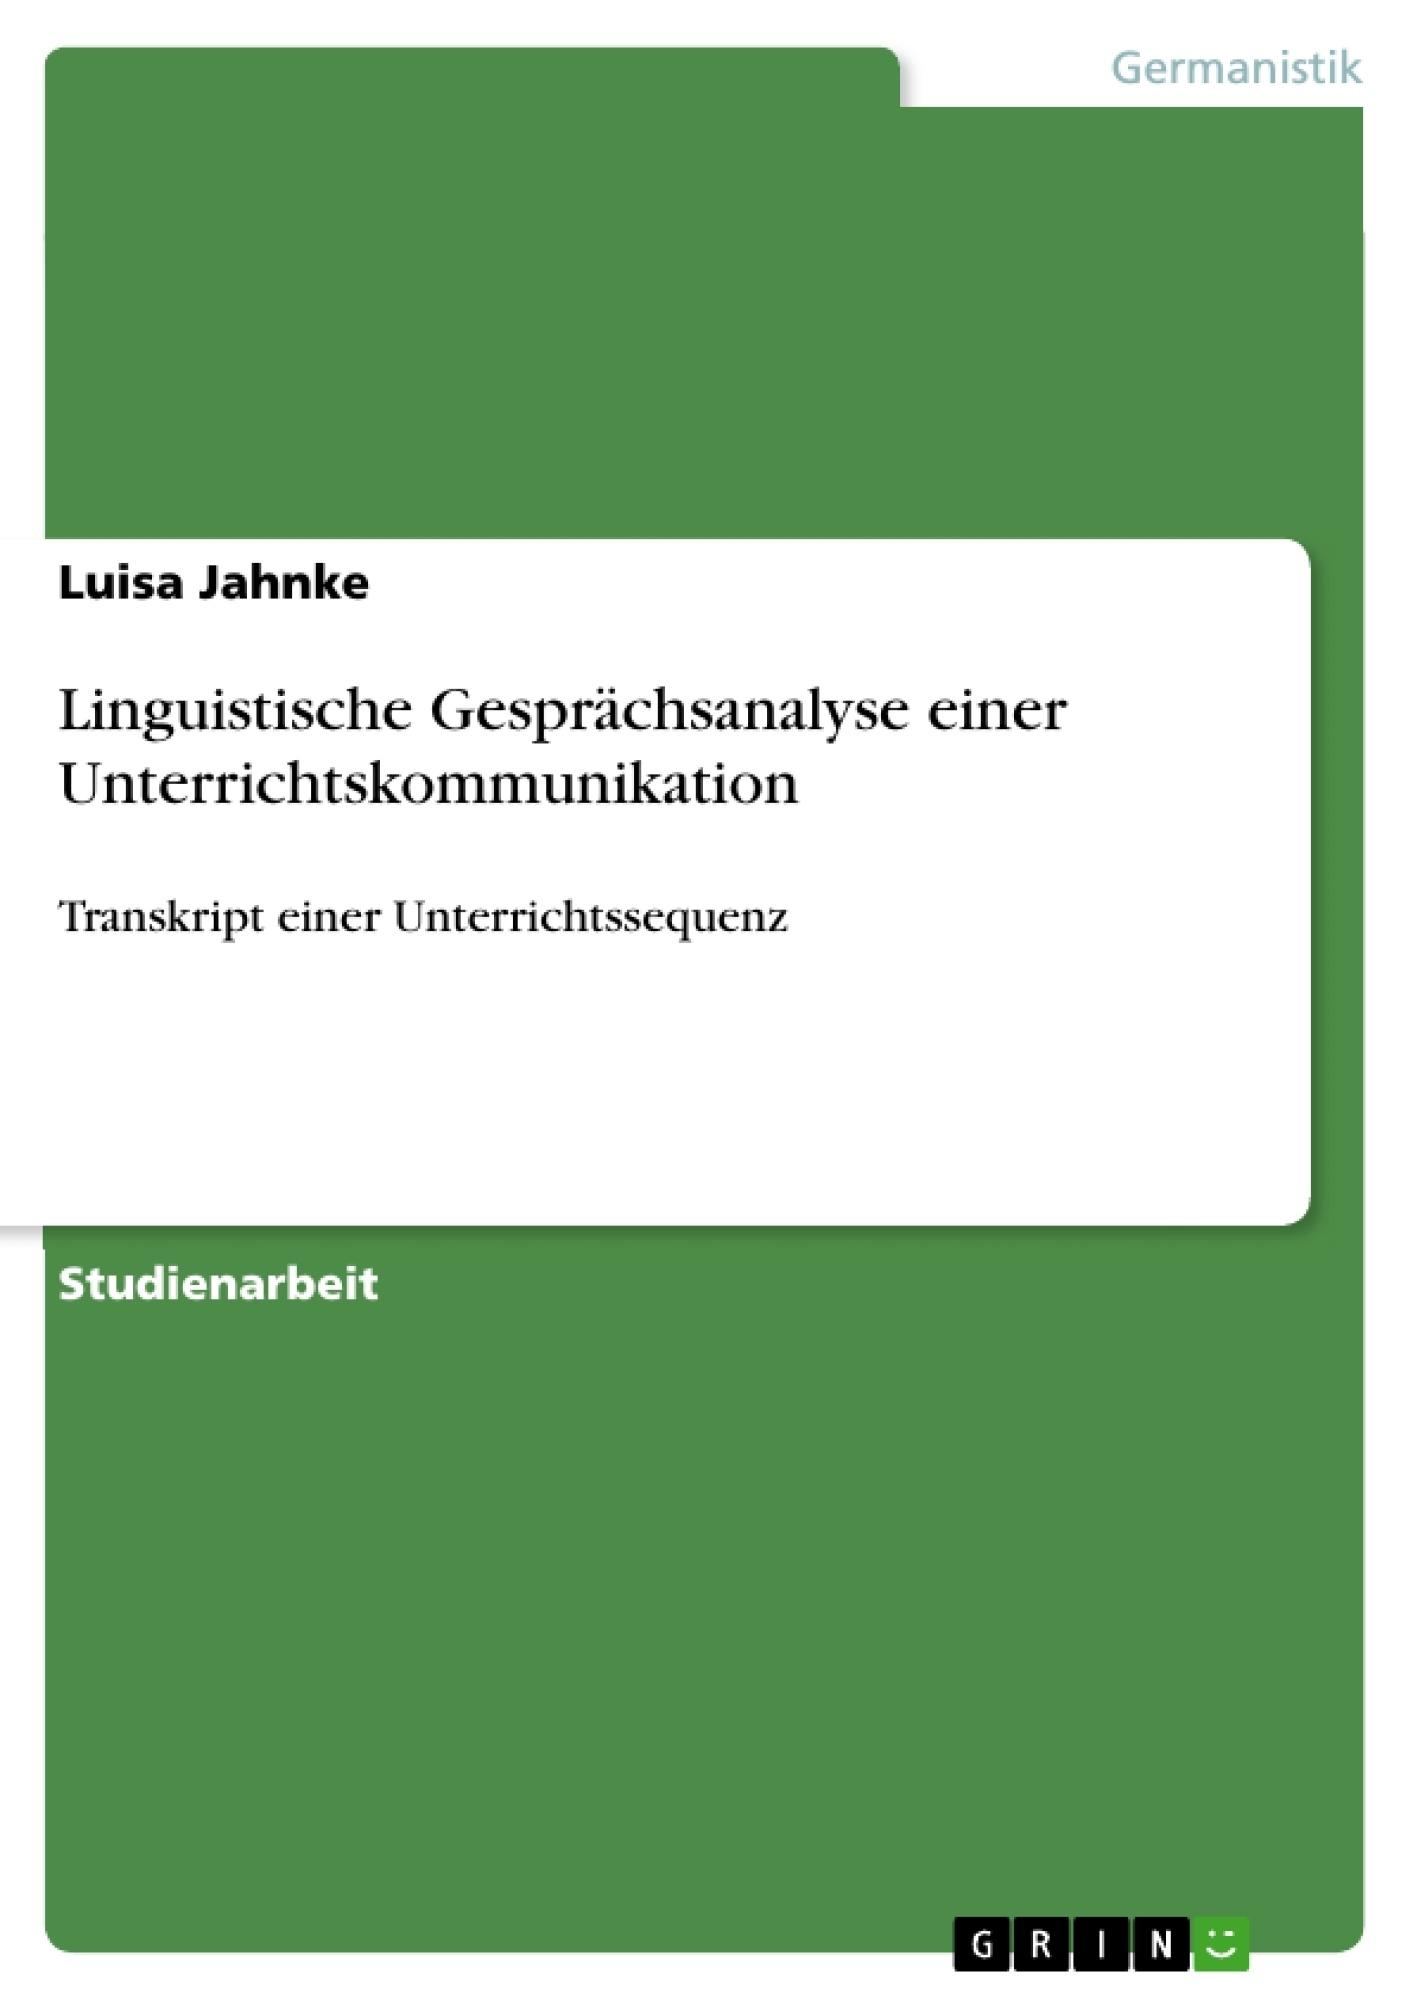 Titel: Linguistische Gesprächsanalyse einer Unterrichtskommunikation